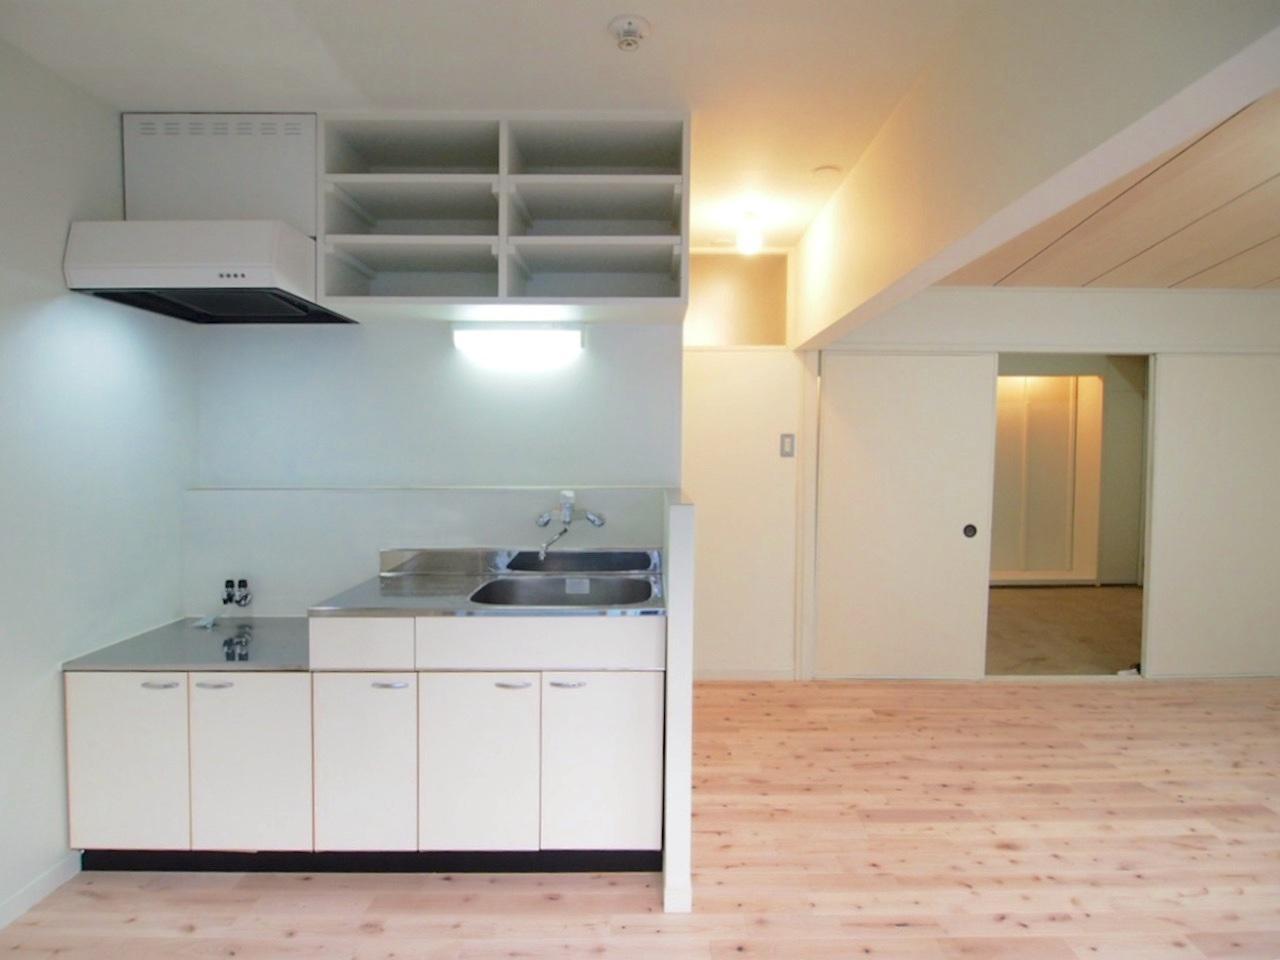 キッチンは広く快適に料理ができます。